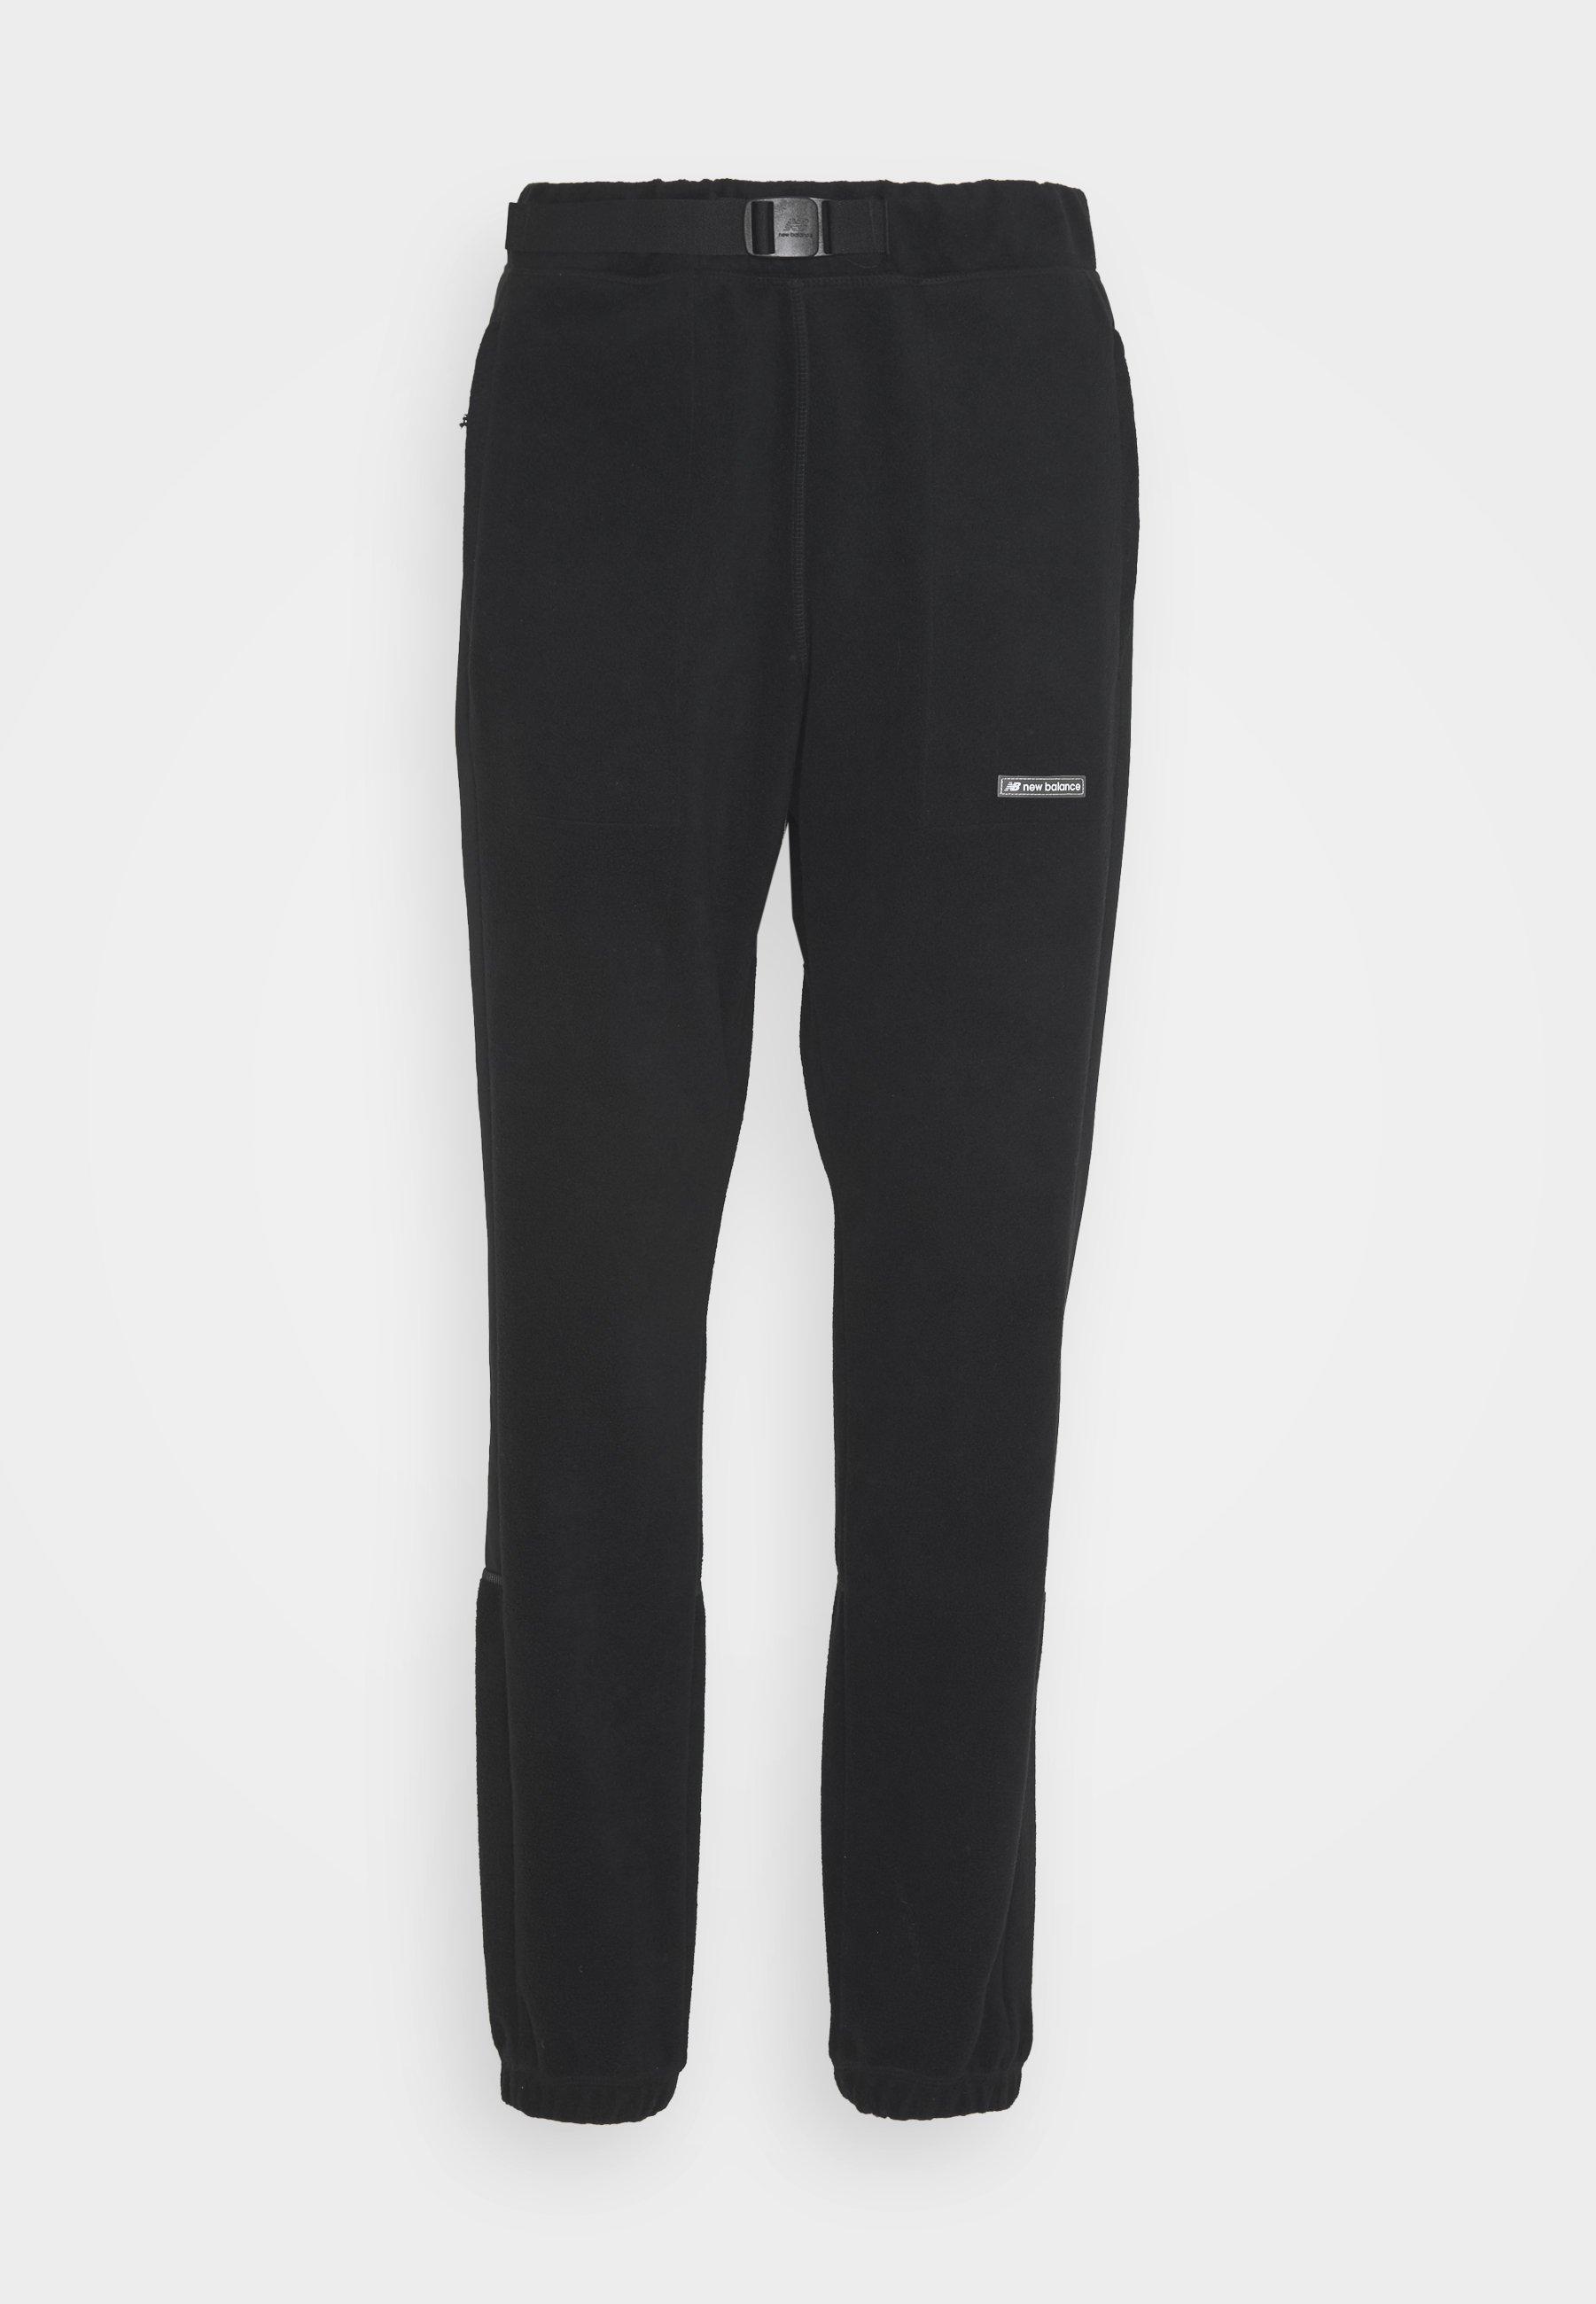 Homme SPORT STYLE POLAR PANT - Pantalon de survêtement